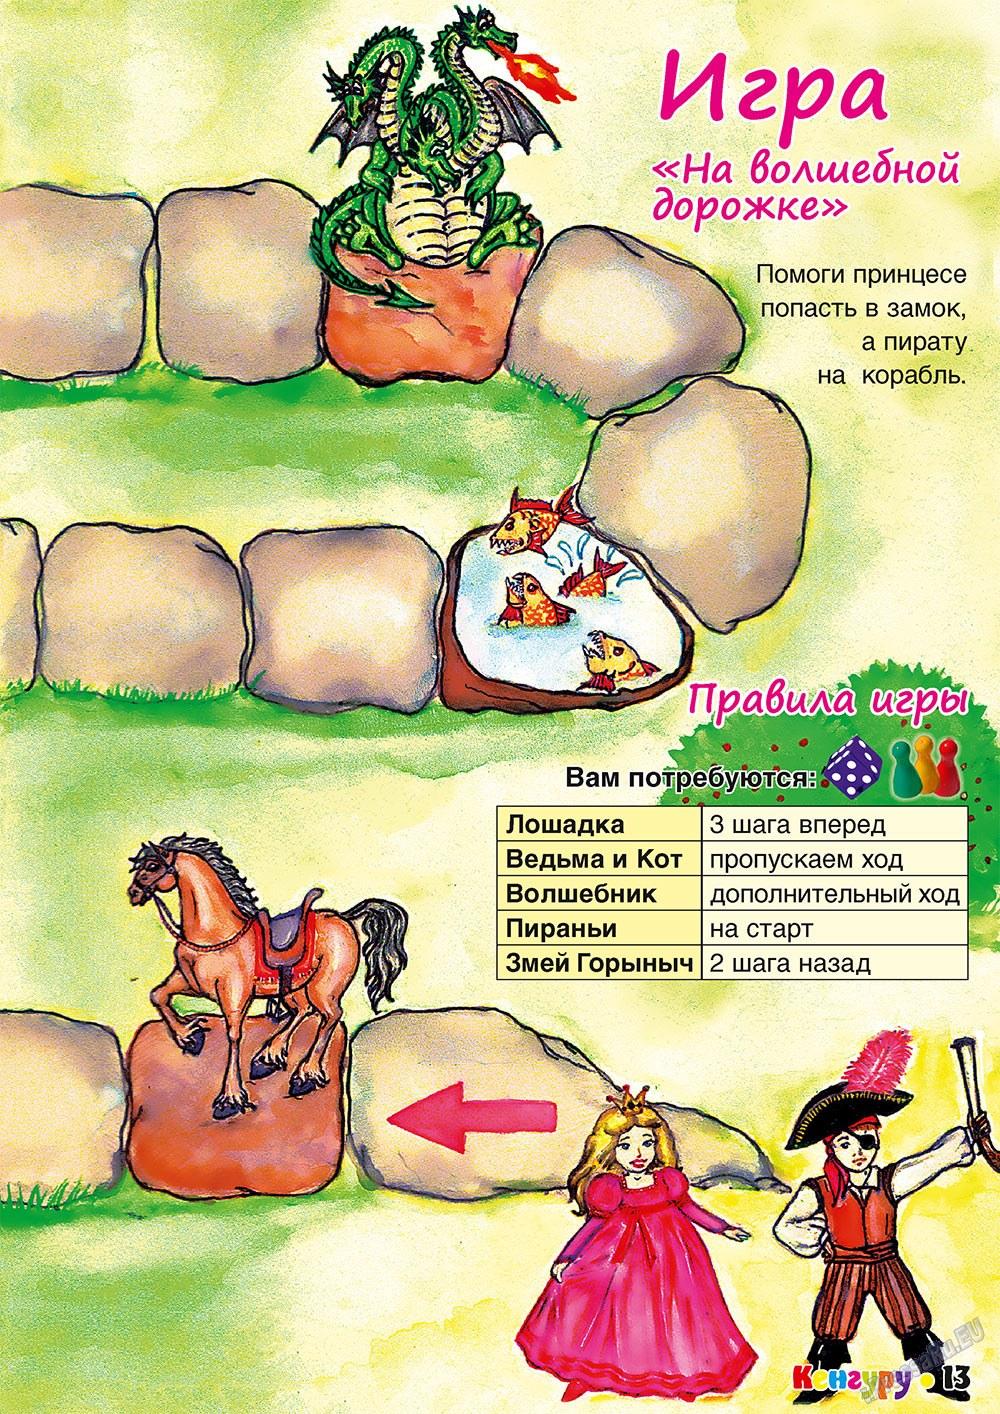 Кенгуру (журнал). 2010 год, номер 1, стр. 13